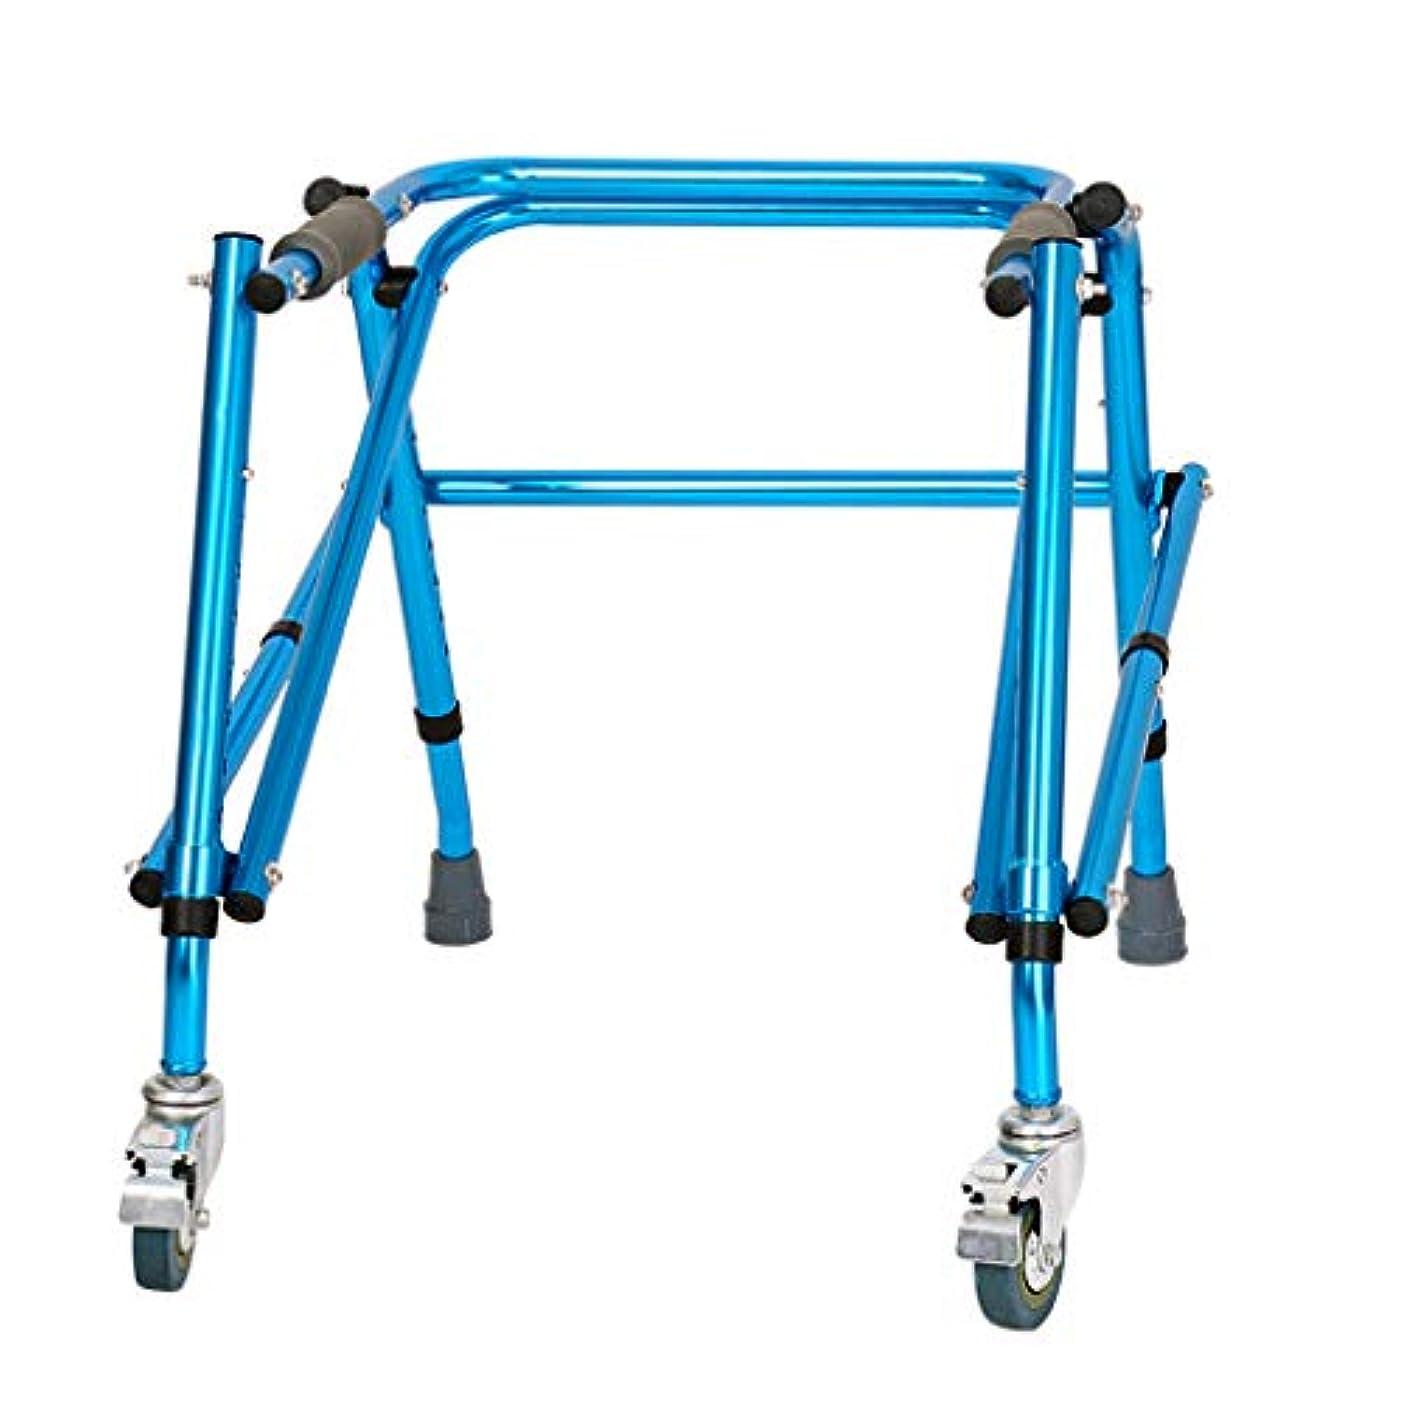 ピッチャー本能チームIAIZI 子供下肢トレーニングとリハビリテーション機器/立ち歩行スタンド/ウォークエイド/ウォーカー/スタンドフレーム付きホイールリハビリ機器